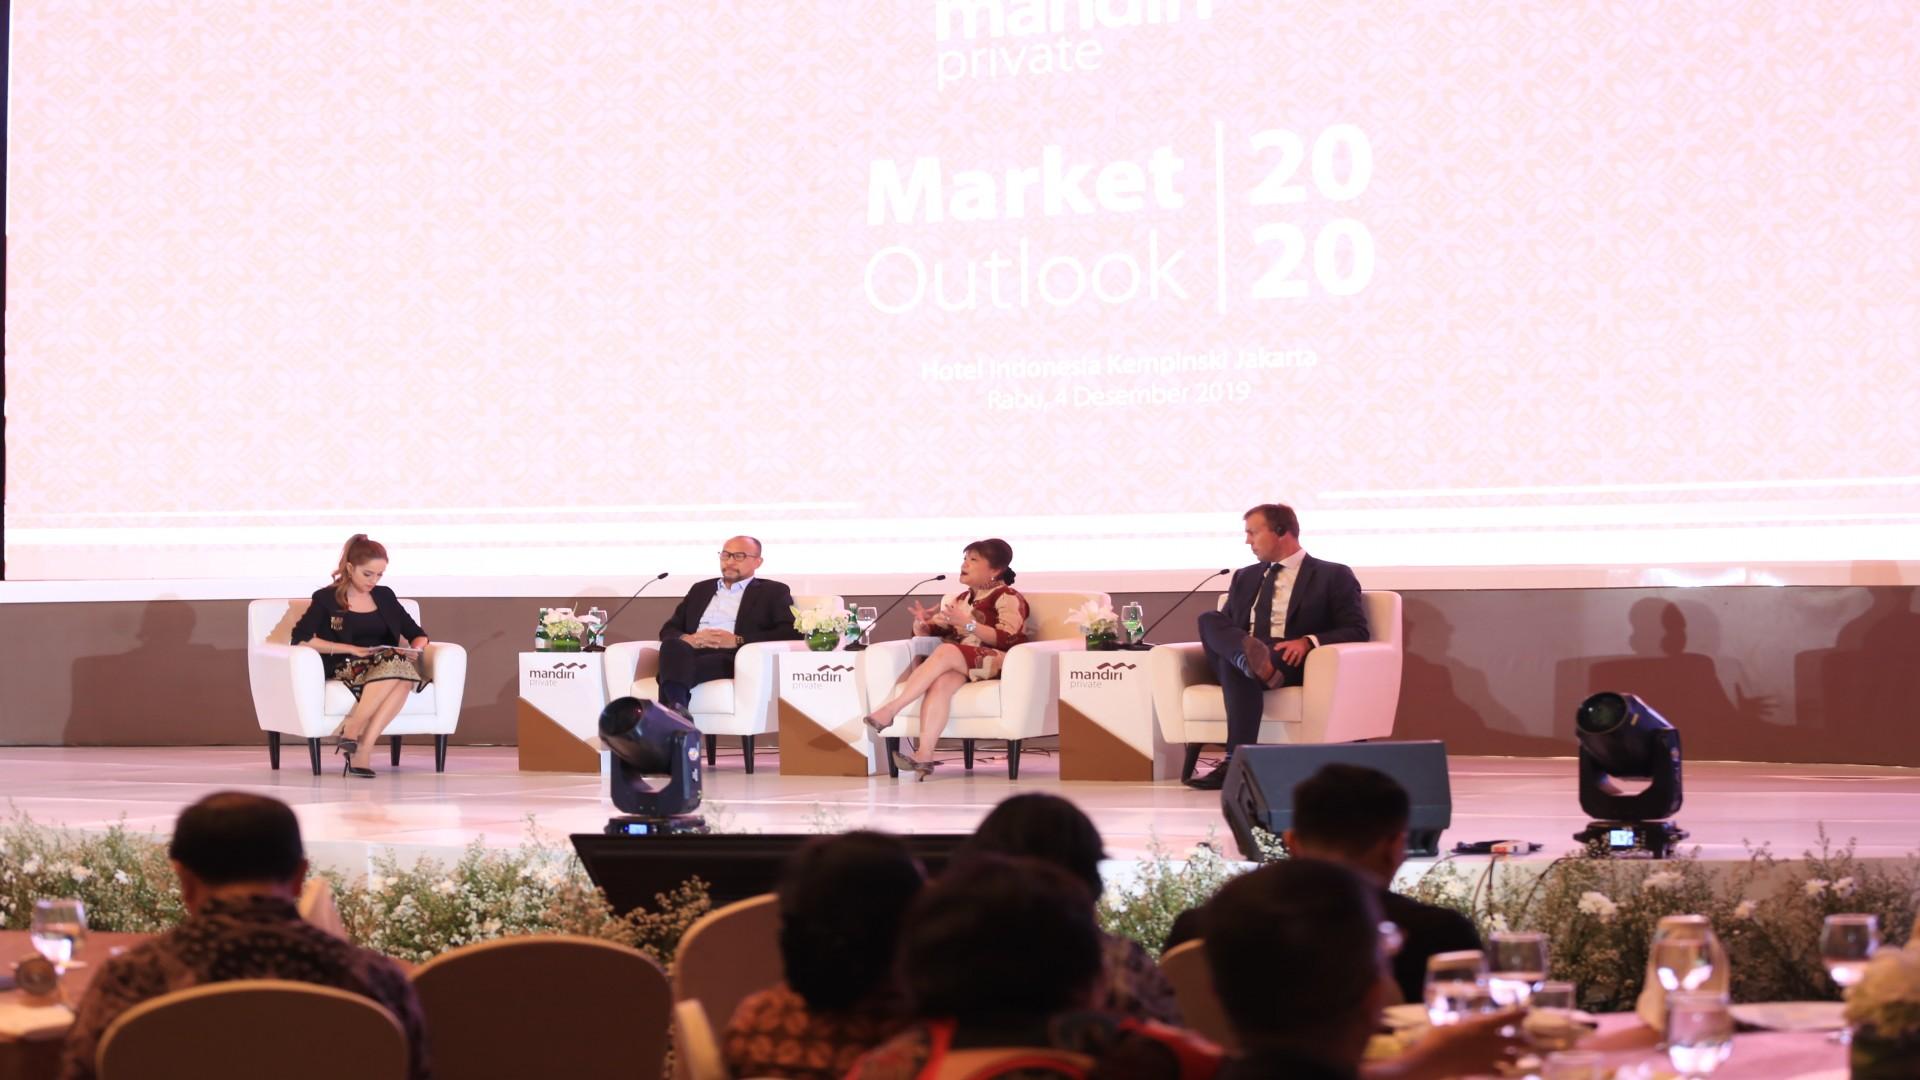 MARKET OUTLOOK 2020 TETAP OPTIMIS DI TENGAH TANTANGAN GLOBAL